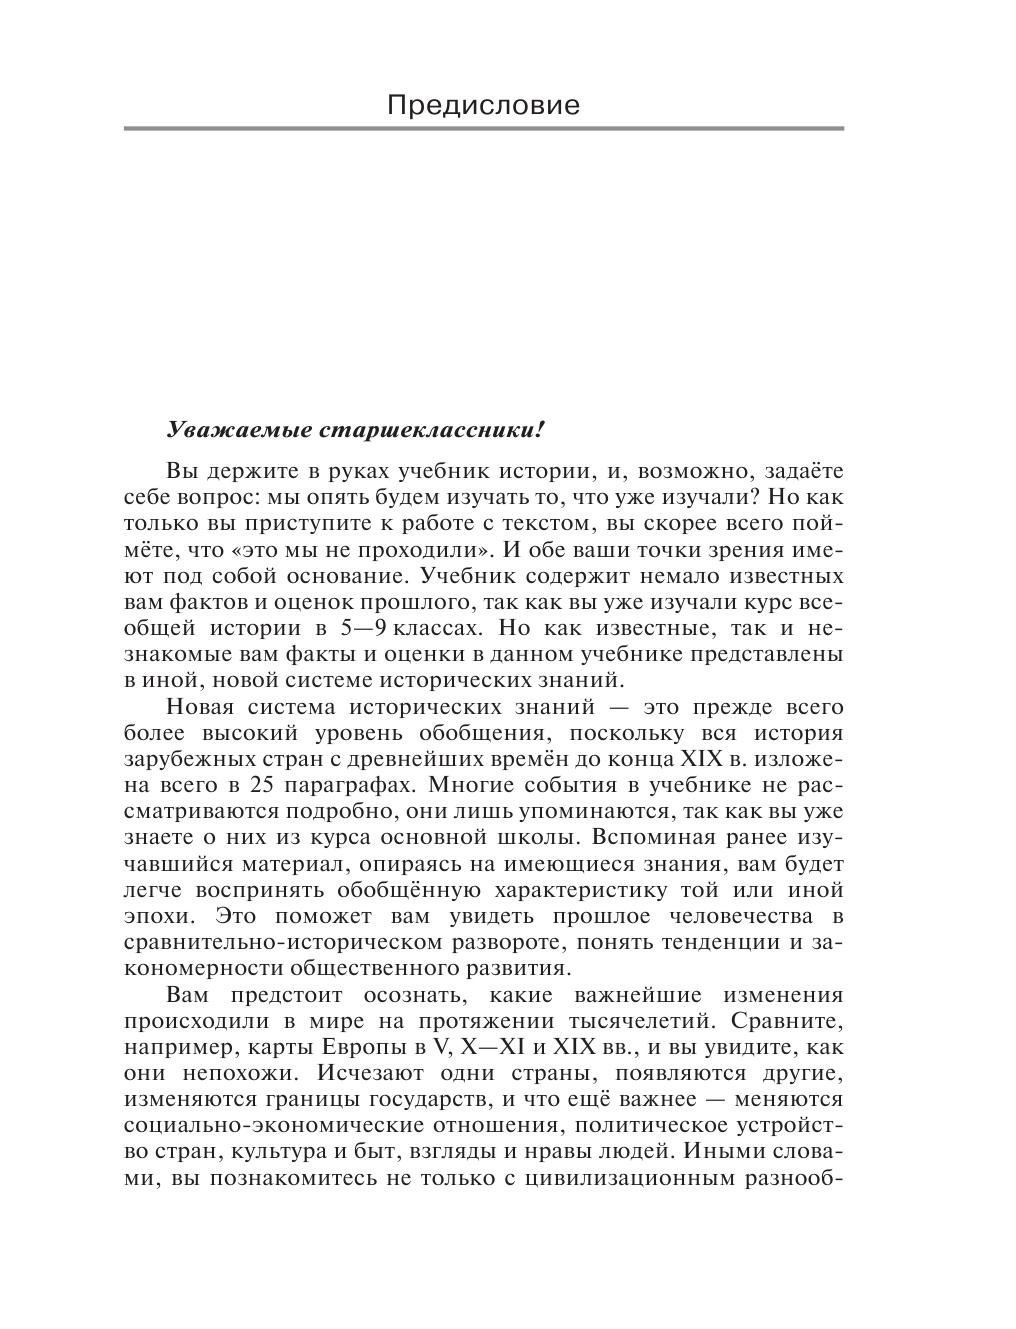 Гдз по истории волобуев ответвы на вопросы на стр 119 10класс